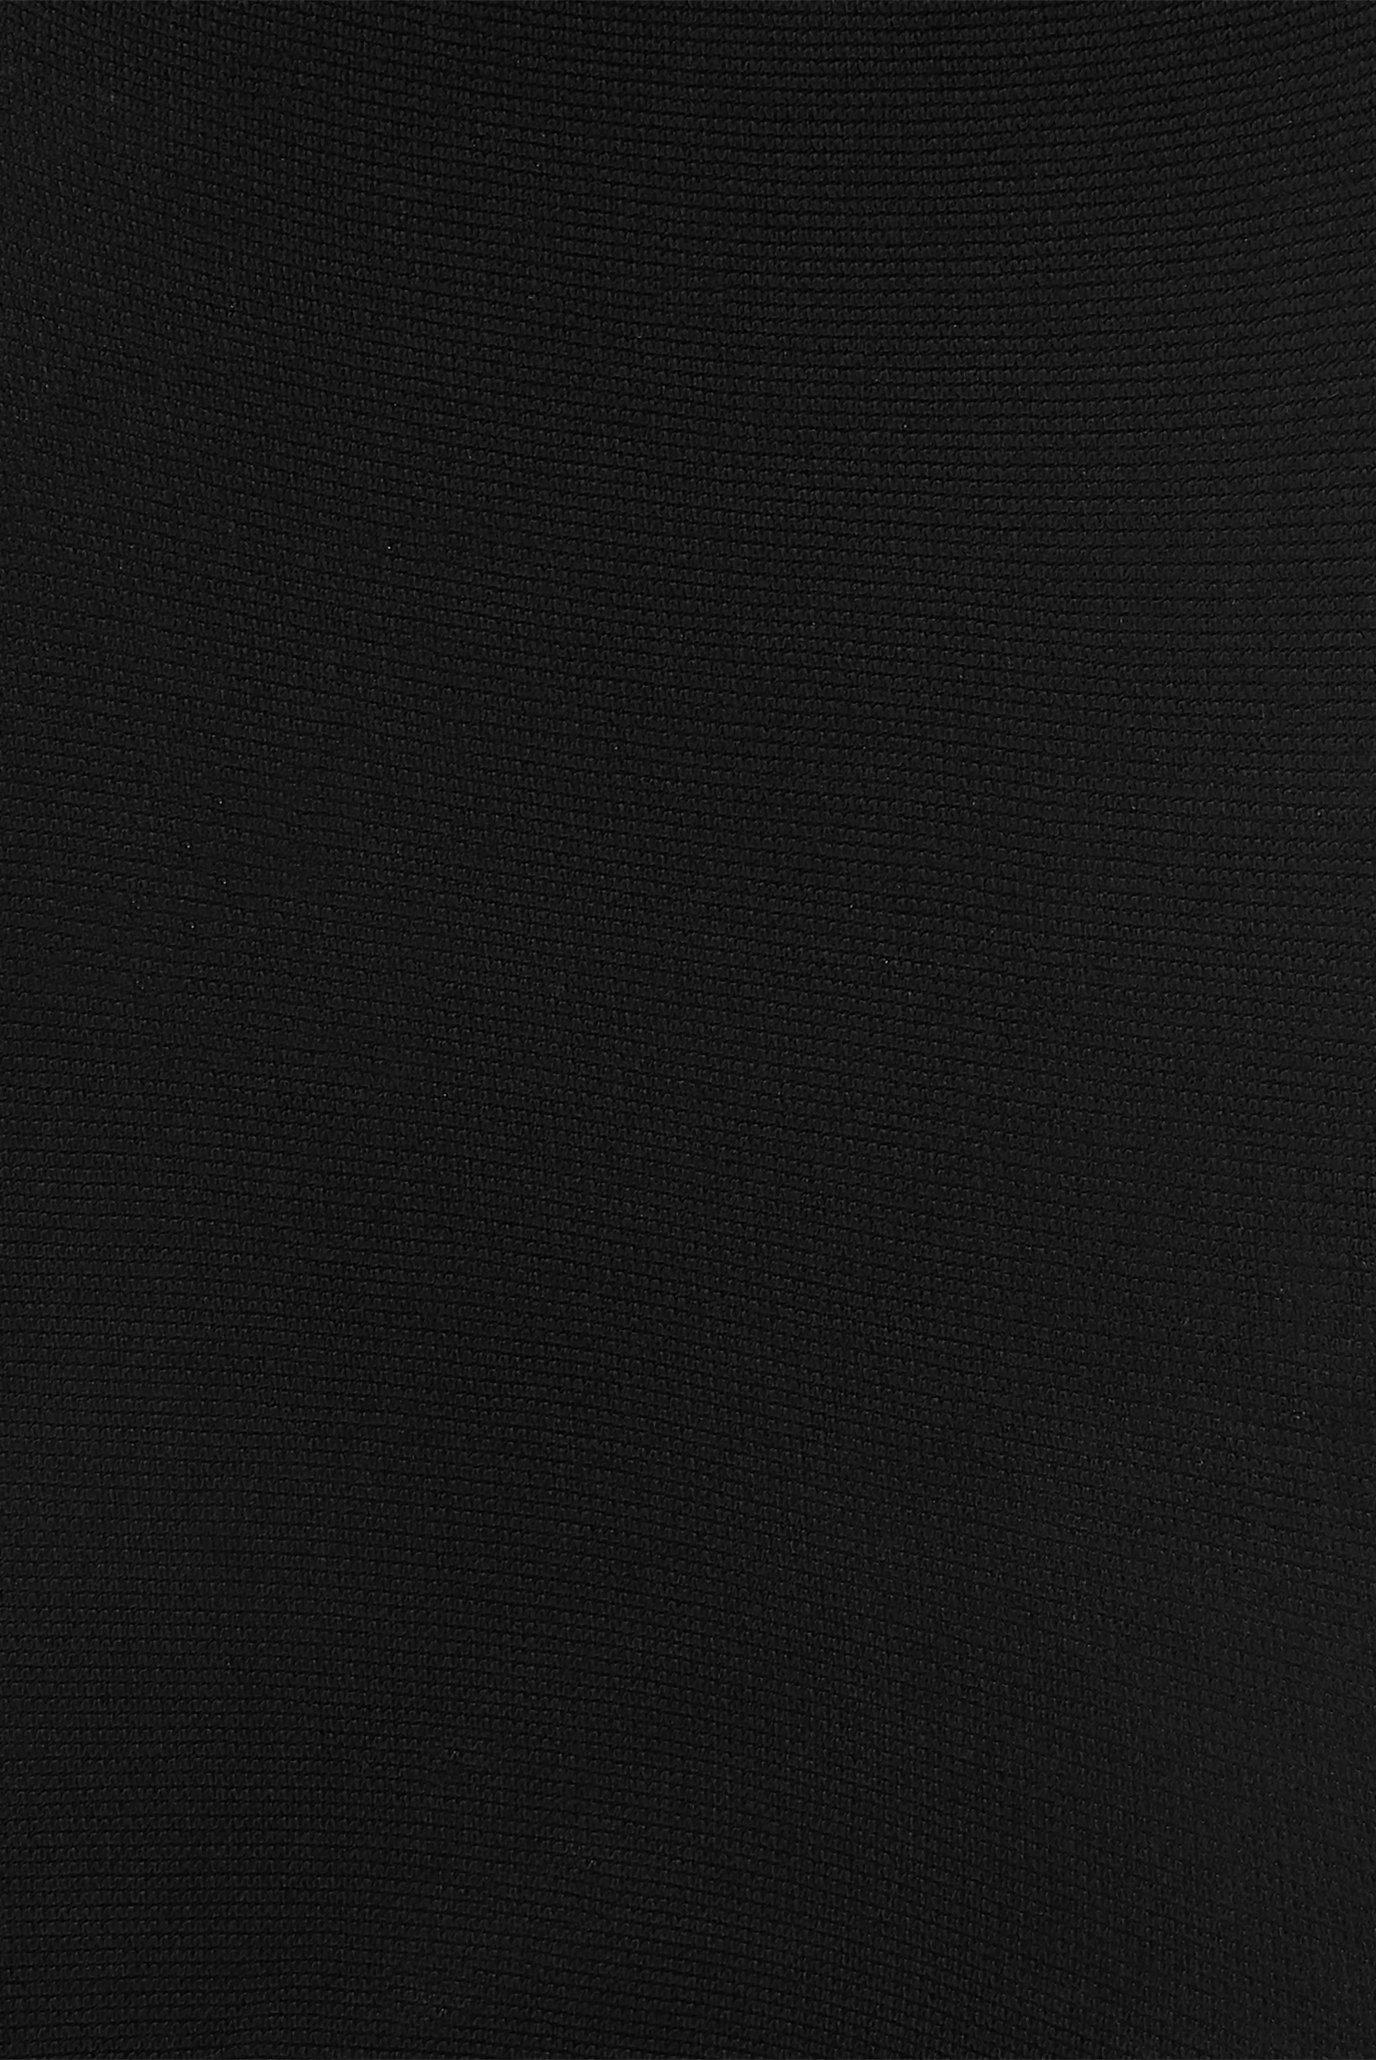 Однотонные черные картинки на фон